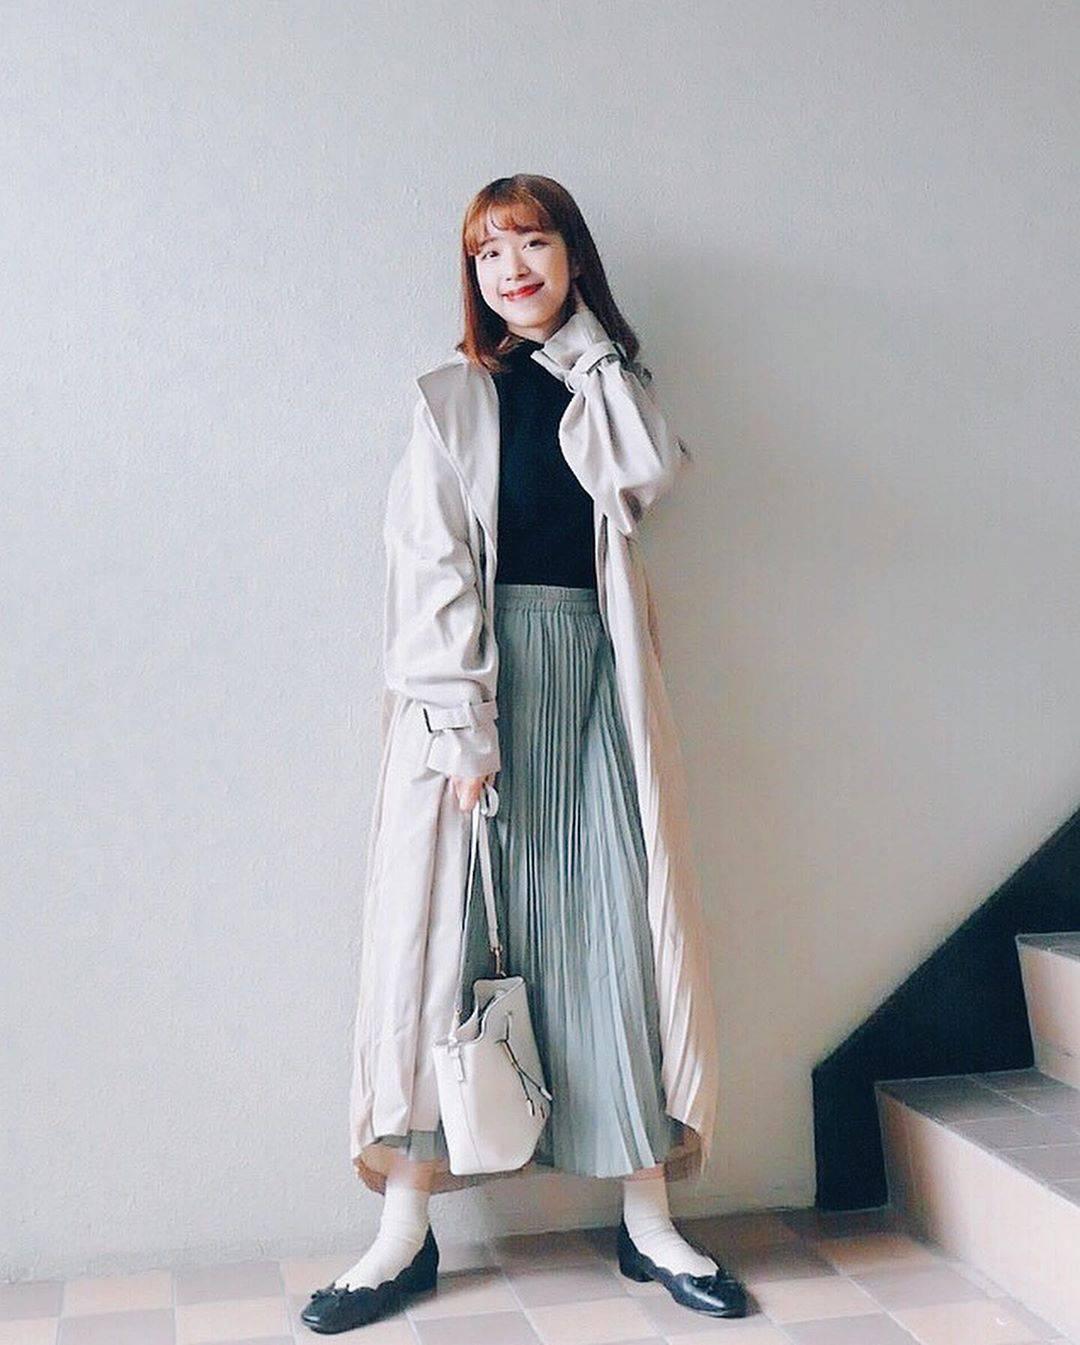 最高気温16度・最低気温14度 natsu_outfitsの服装